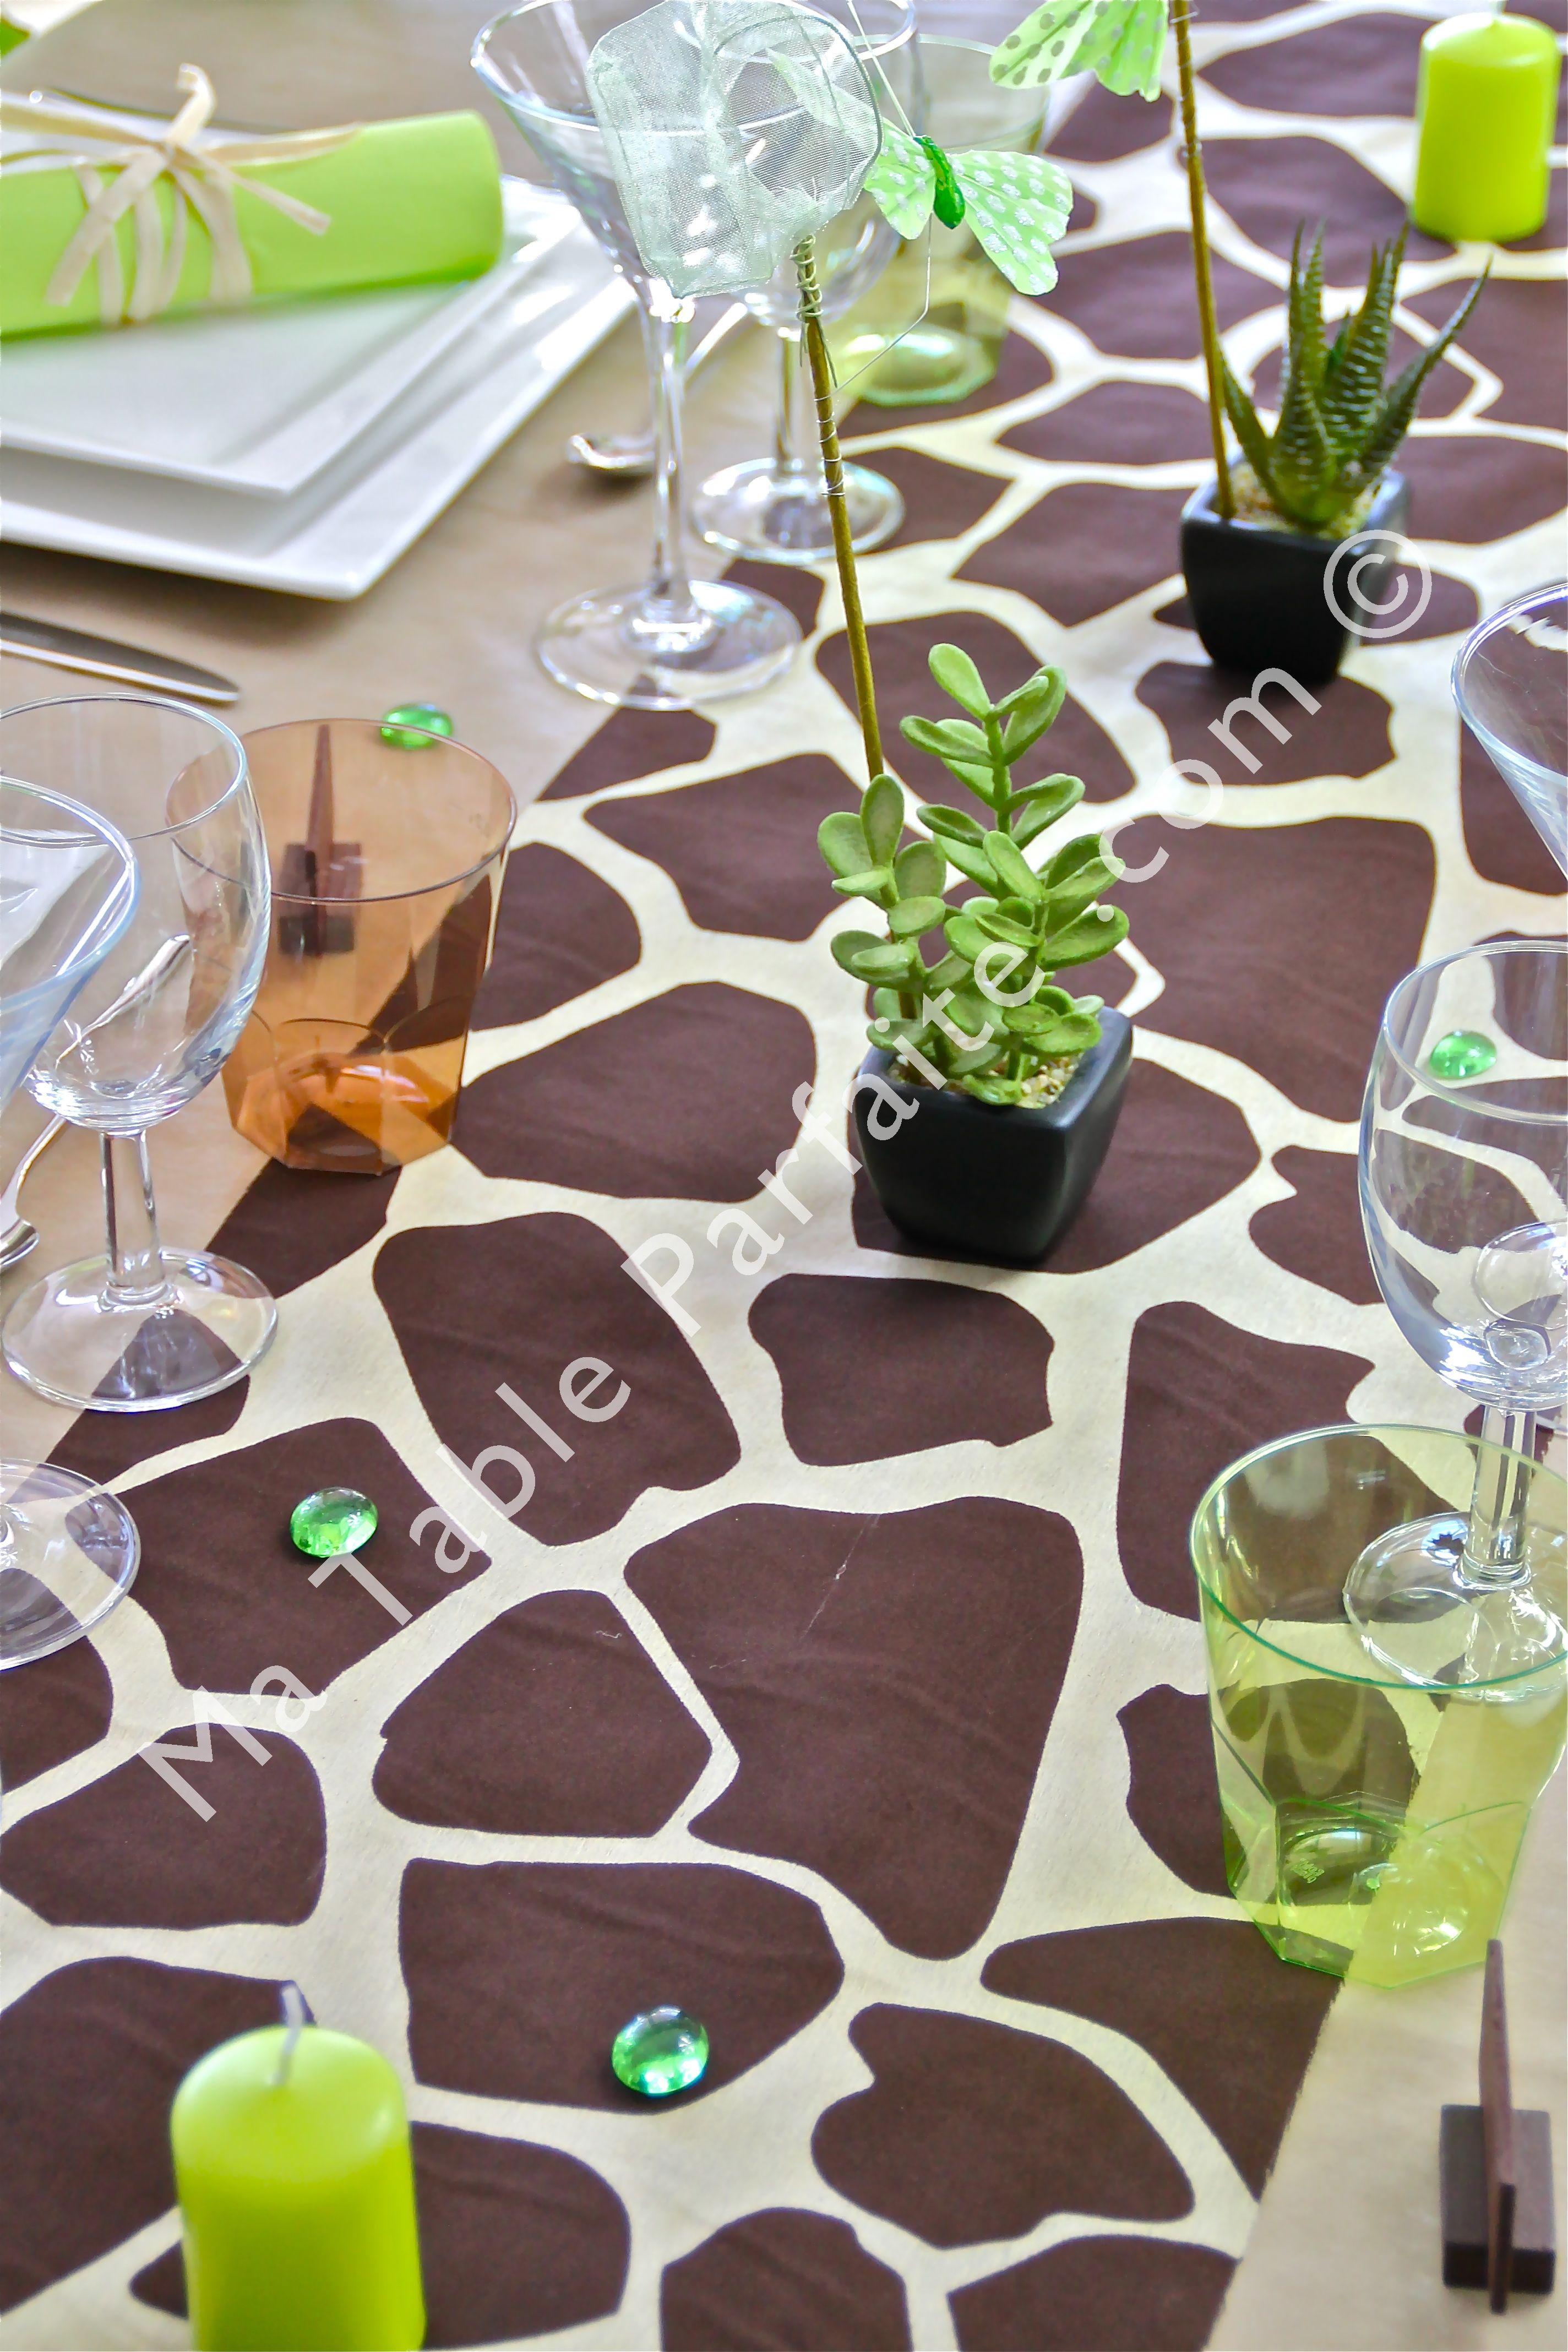 Fabriqu sur une base de tissu organdi le chemin de table girafe re oit de superbes motifs de for Deco table jungle